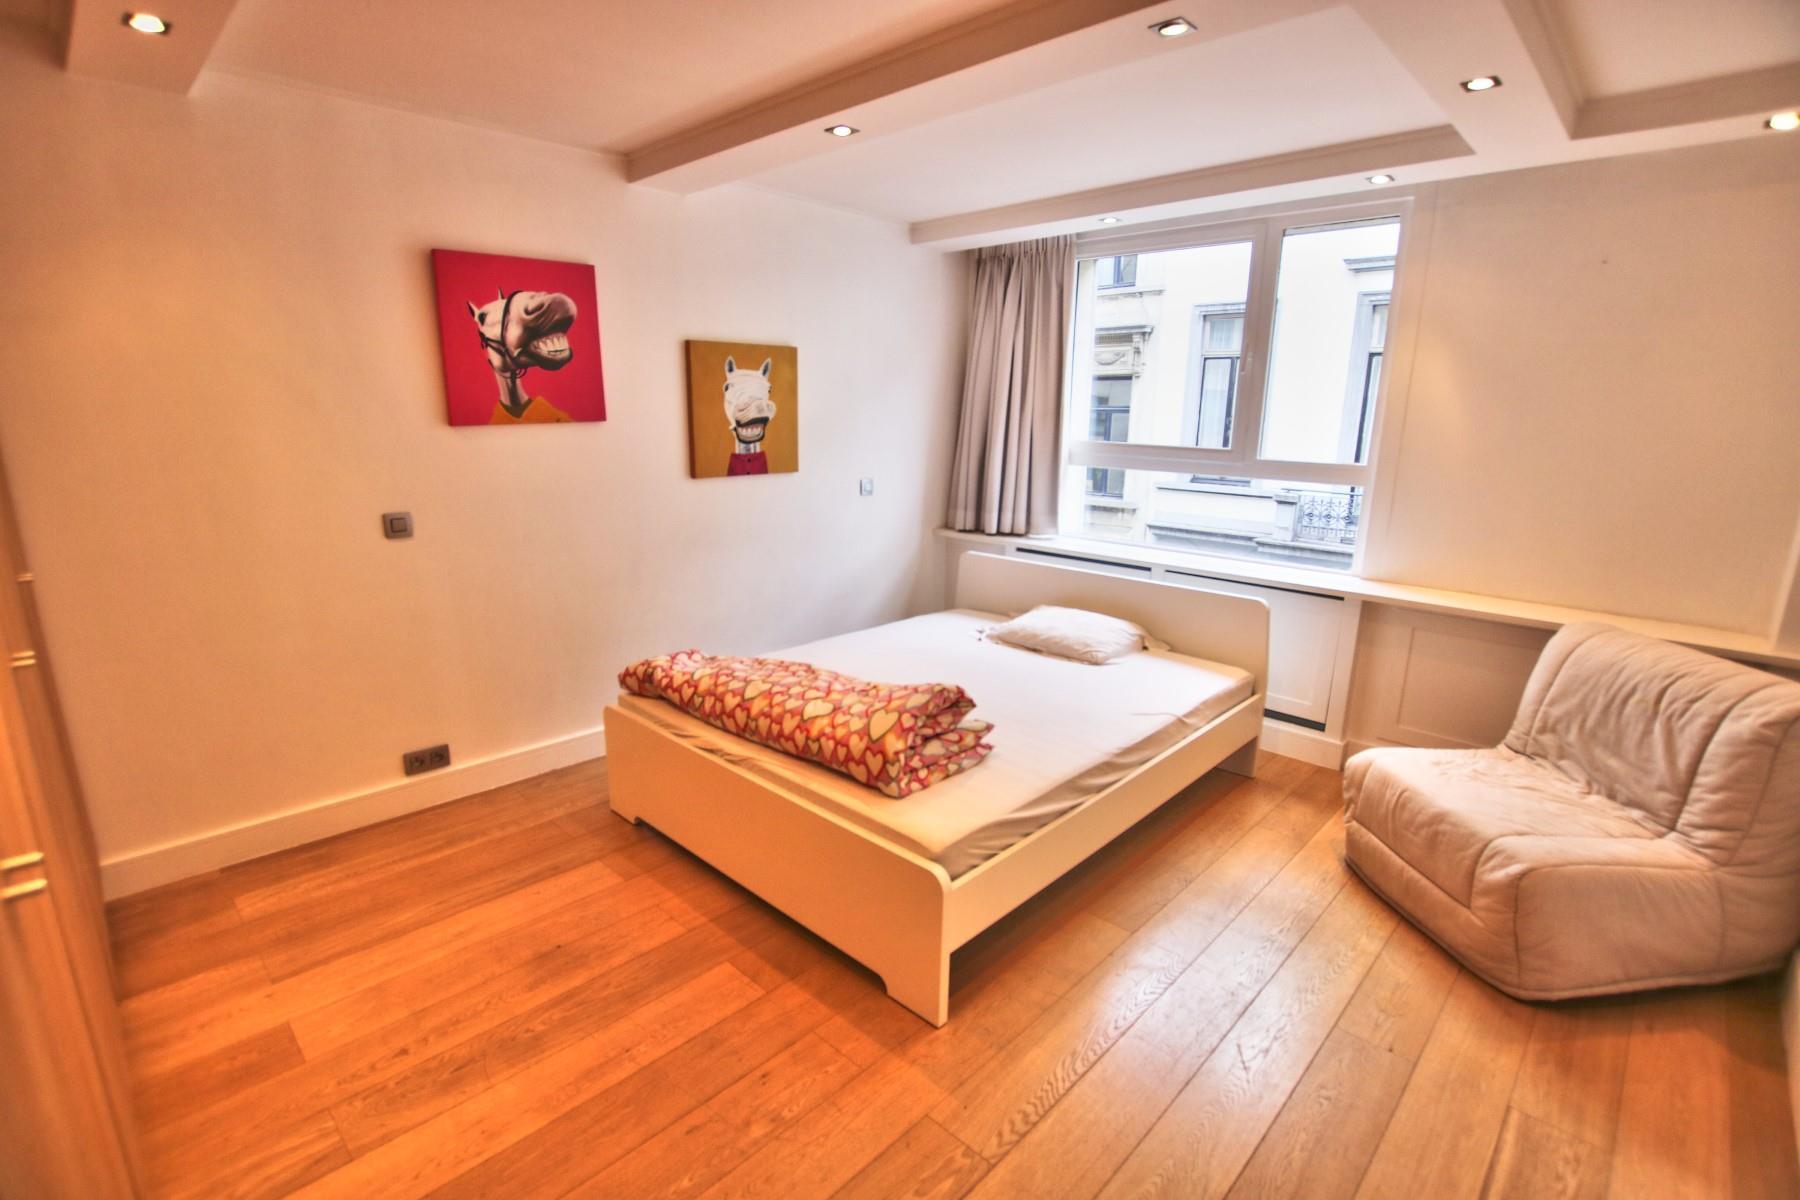 Appartement exceptionnel - Ixelles - #4030098-16